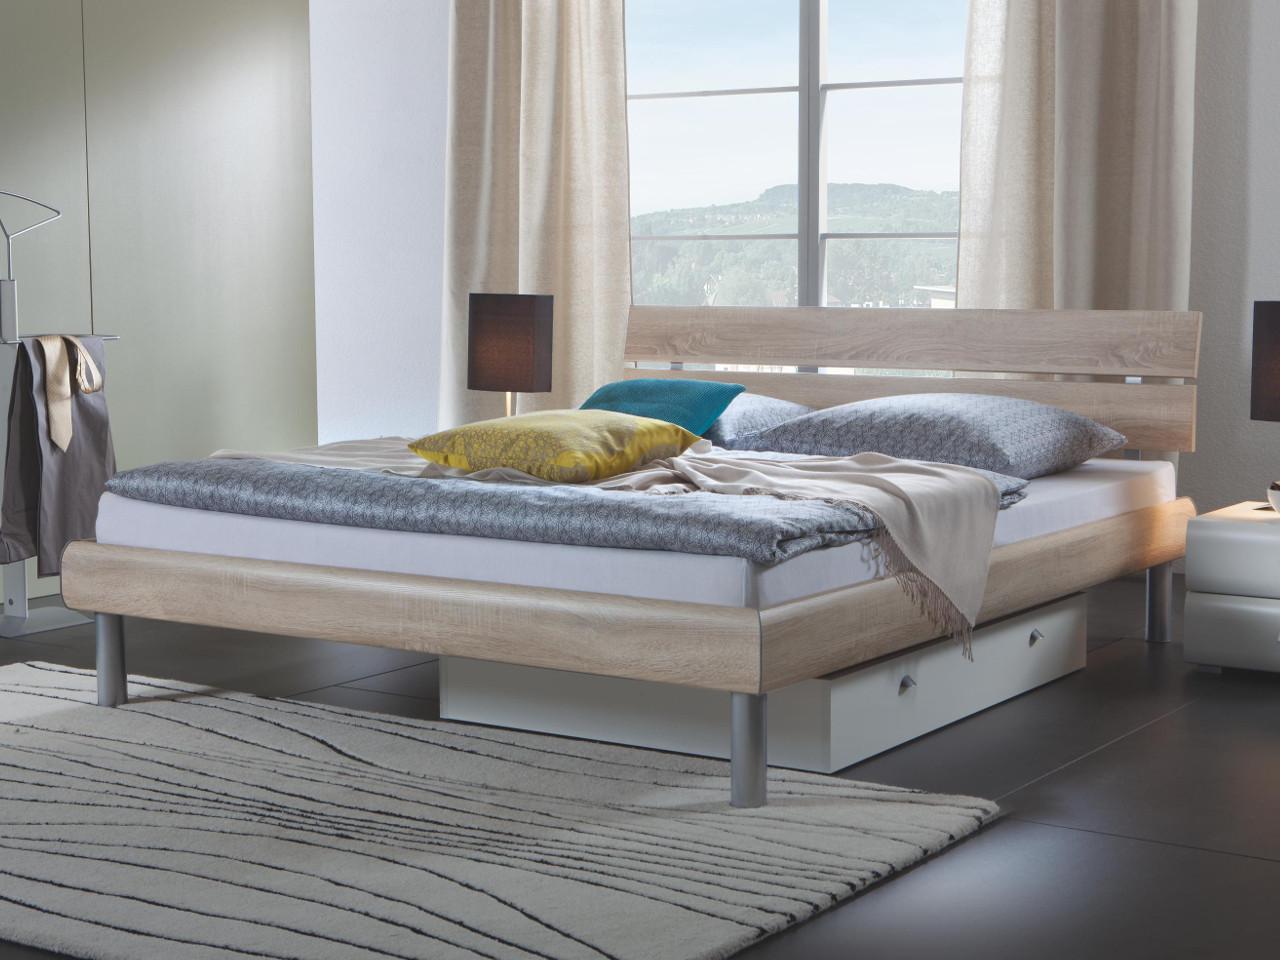 bett weiss 120x200 preisvergleich die besten angebote online kaufen. Black Bedroom Furniture Sets. Home Design Ideas